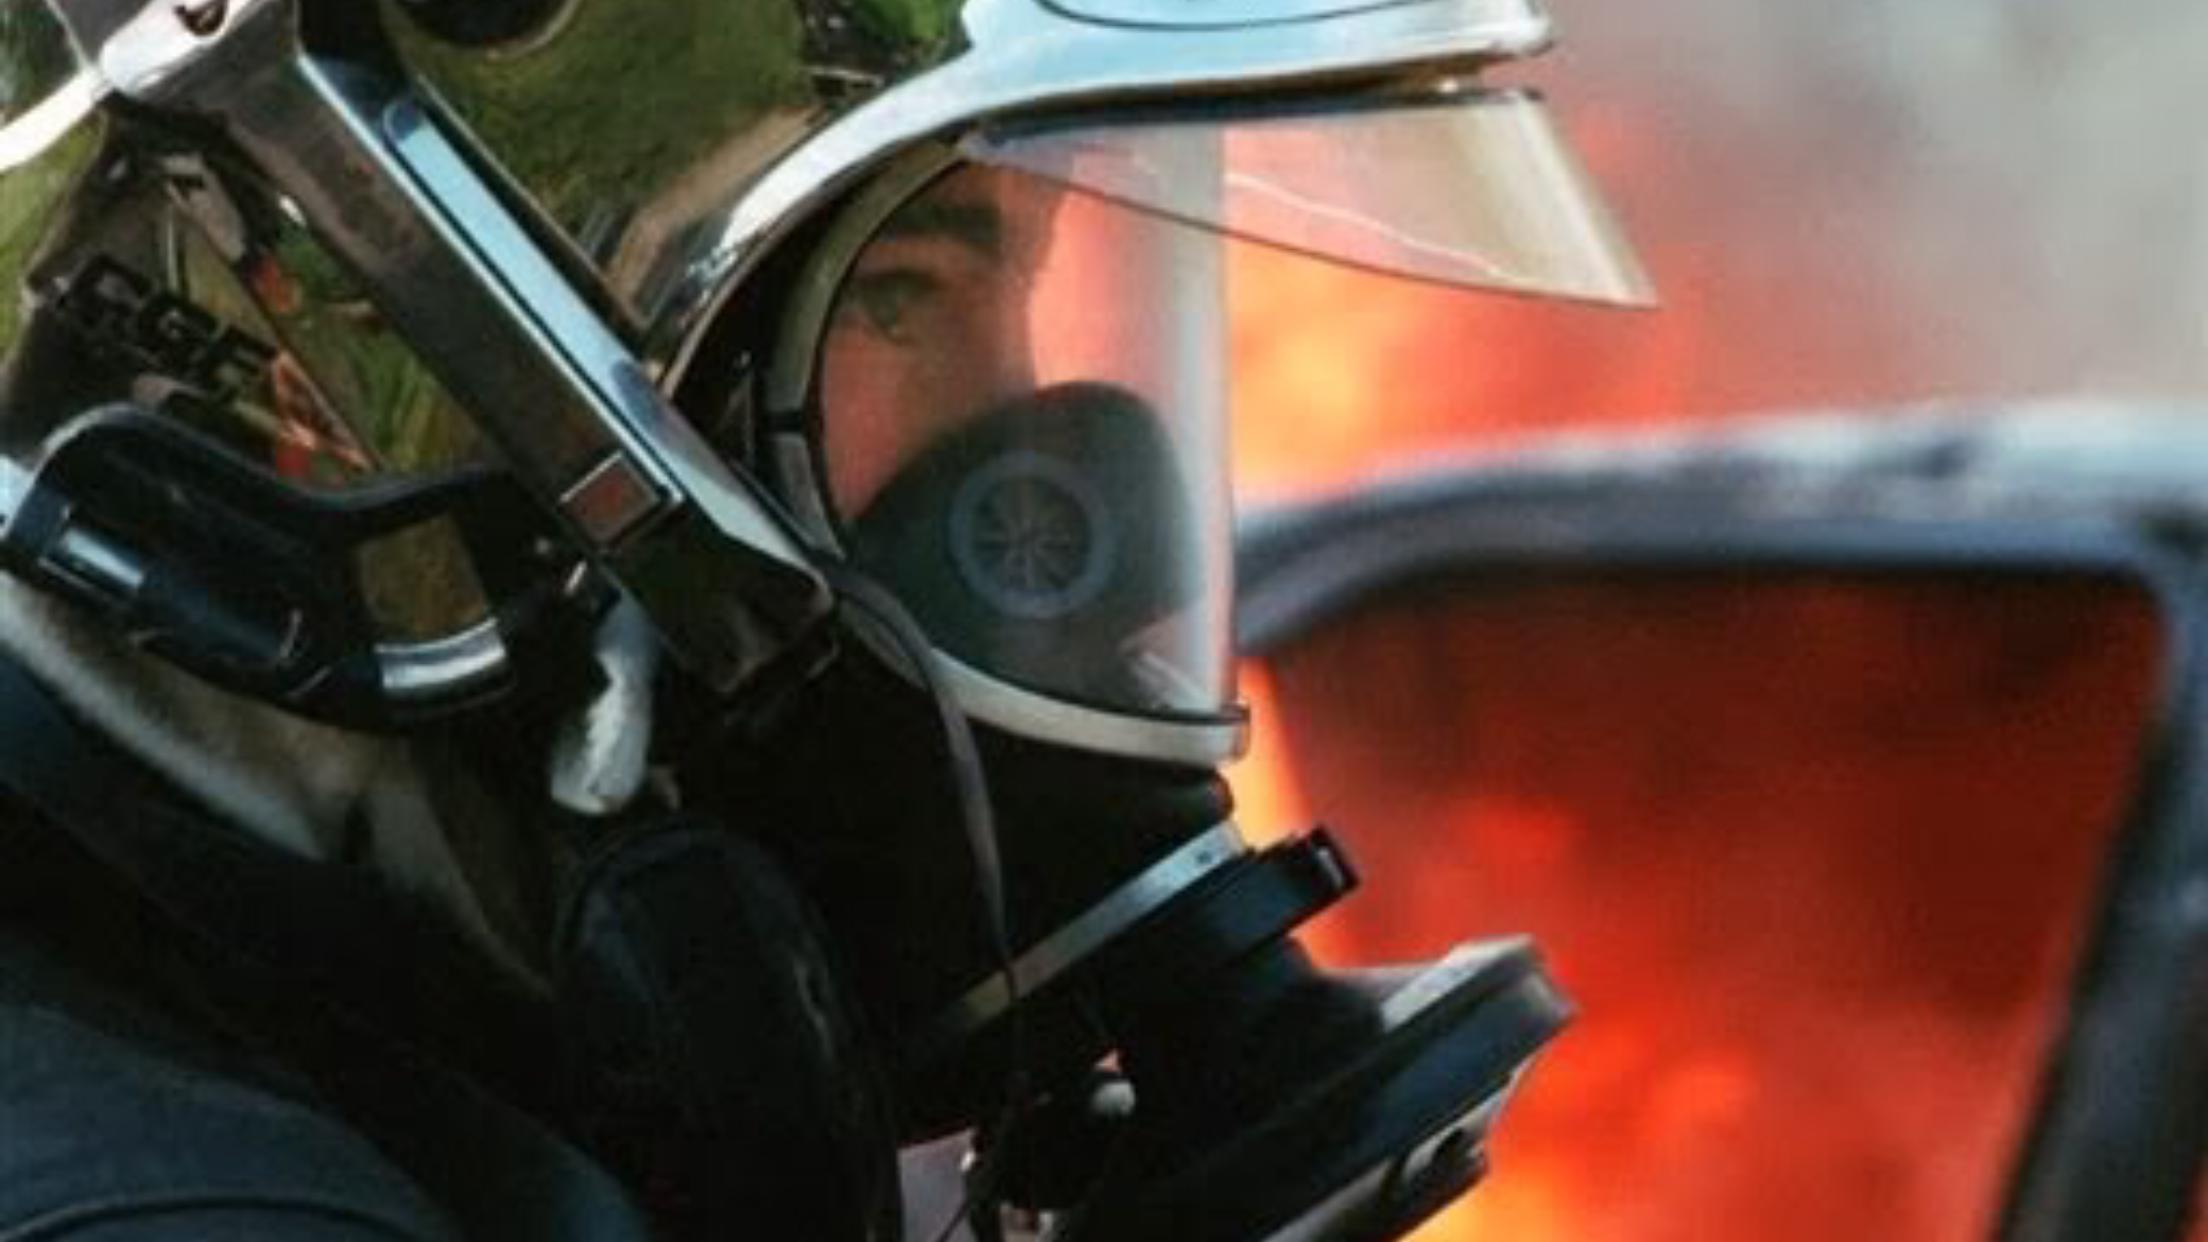 Rouen : deux locataires légèrement brûlés et intoxiqués dans un incendie d'origine suspecte